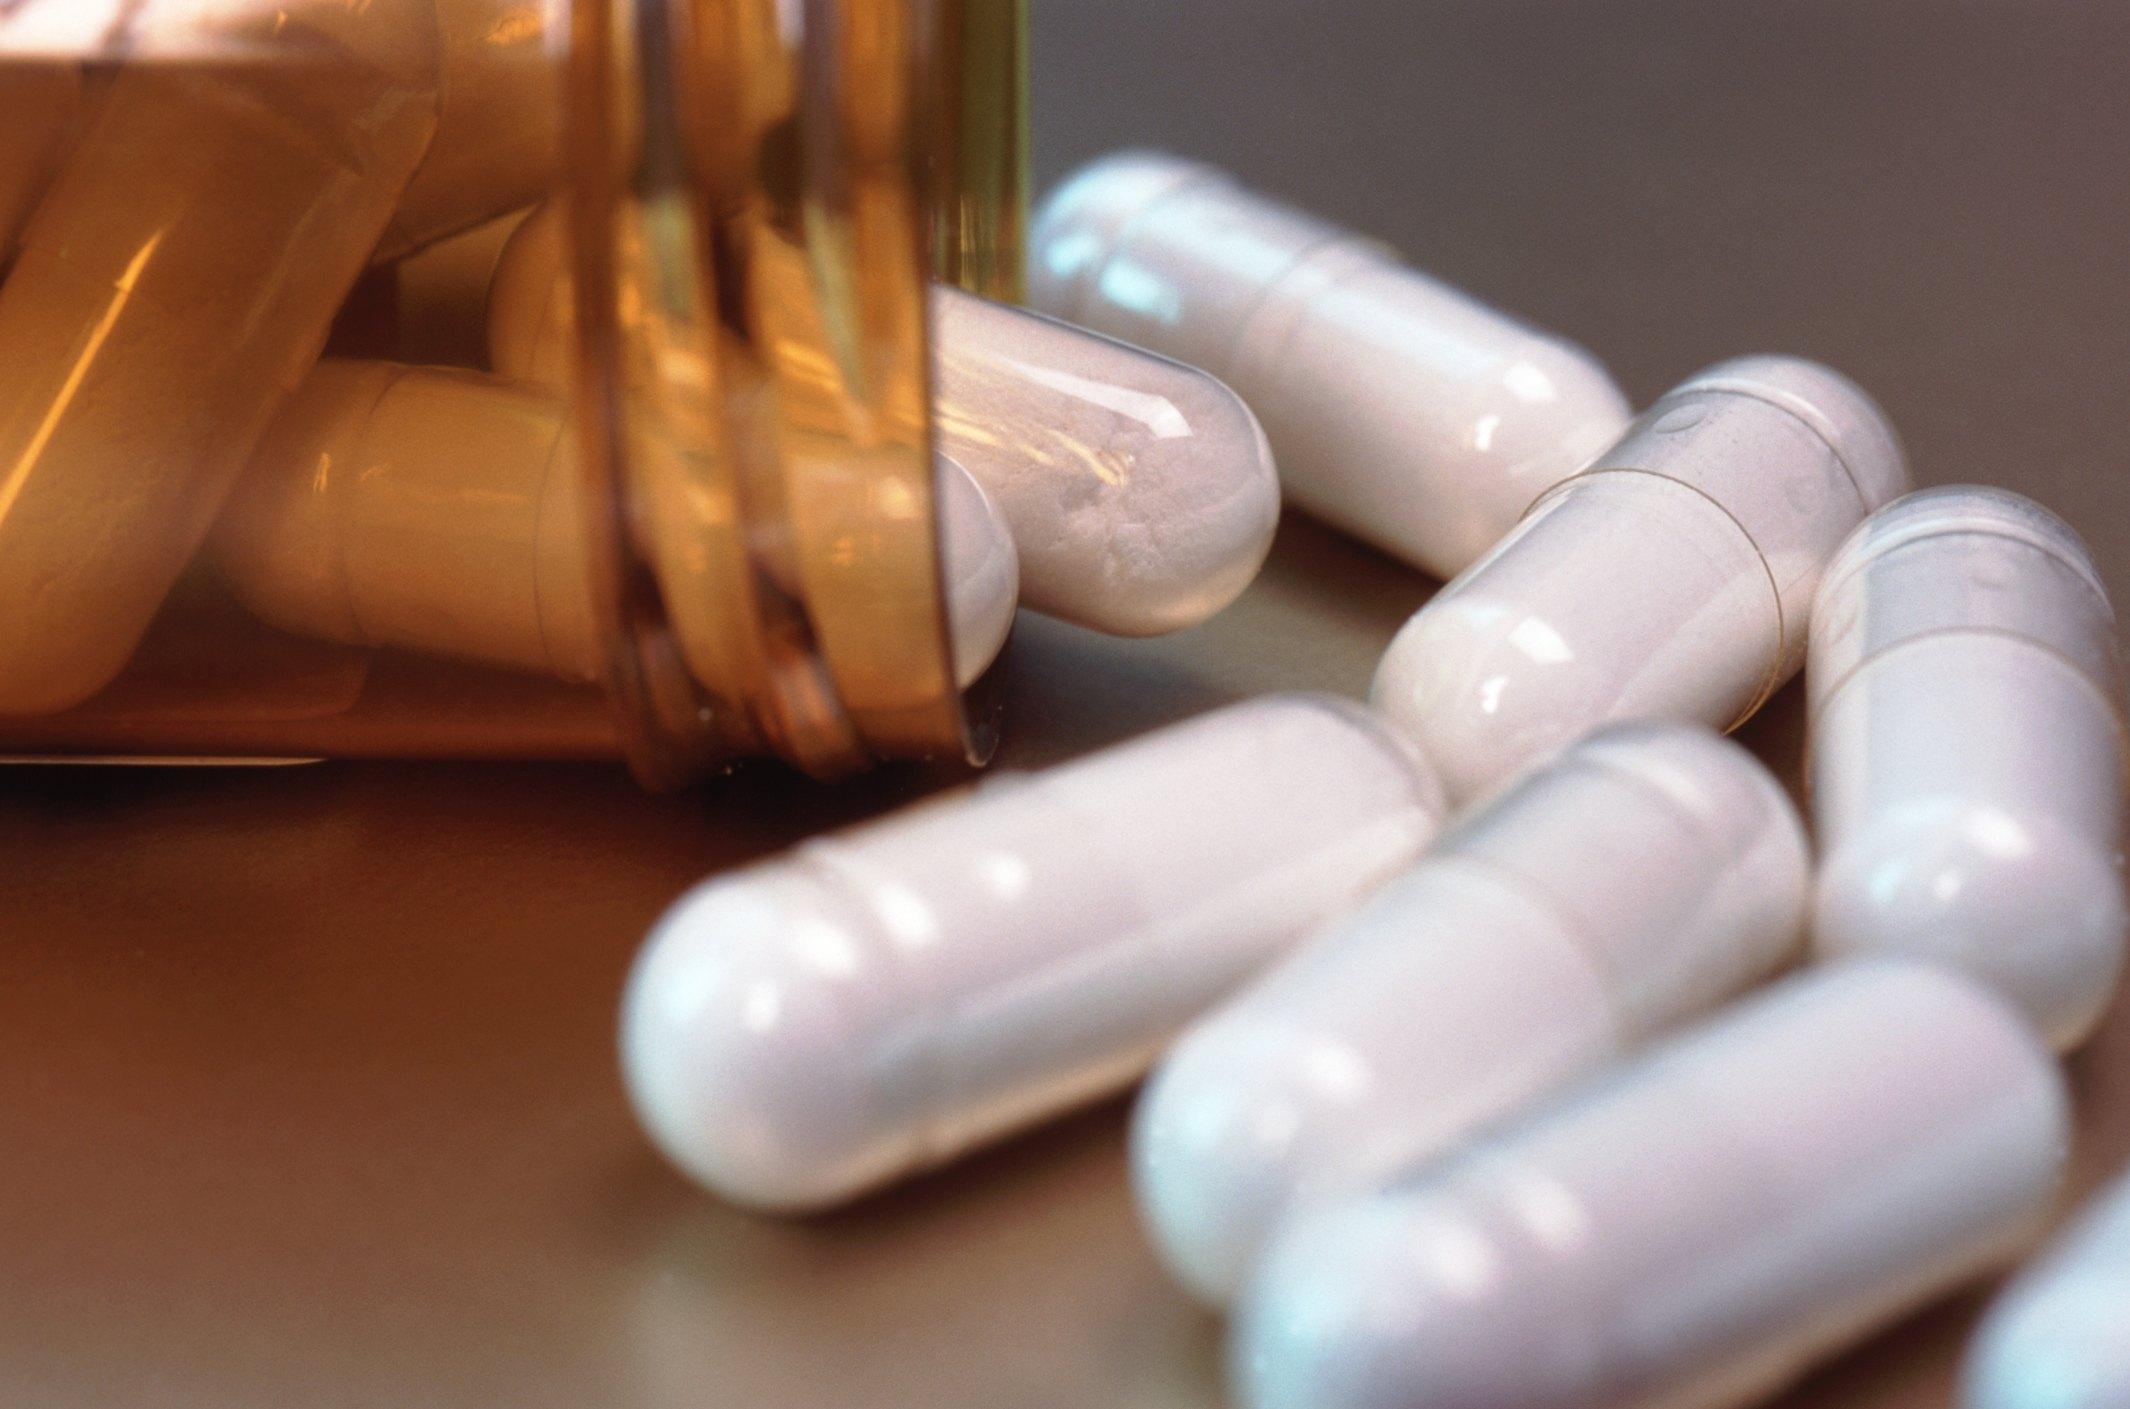 Cipro antibiotic uti infection